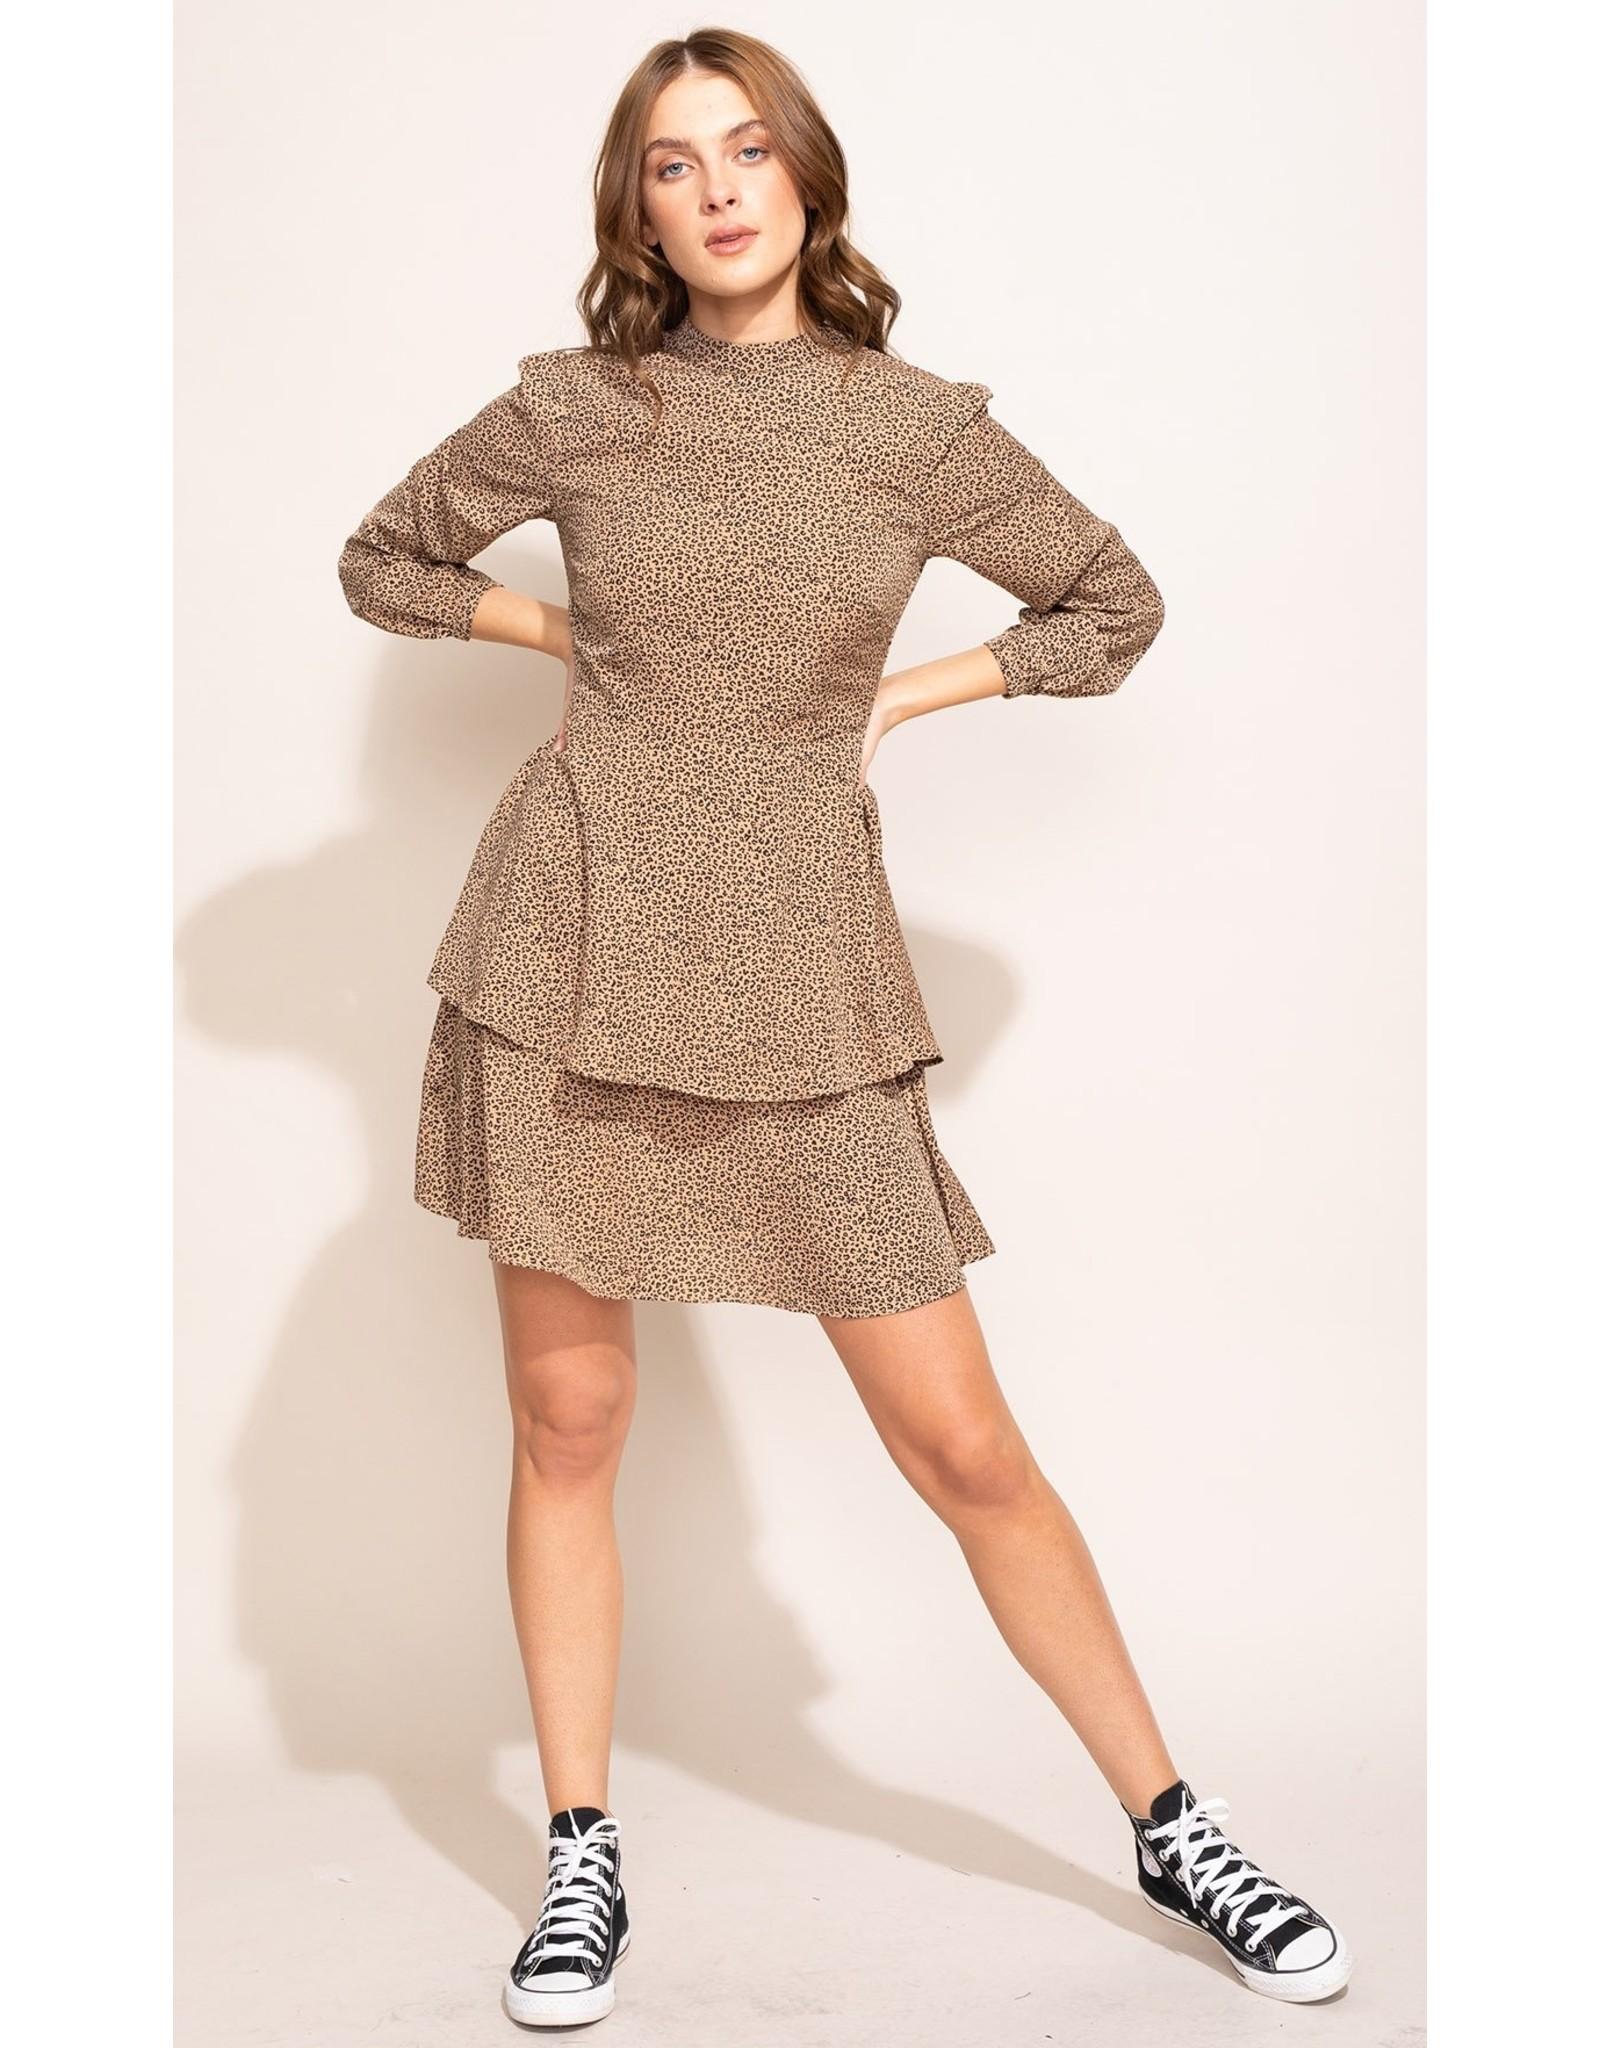 The Pietra Dress